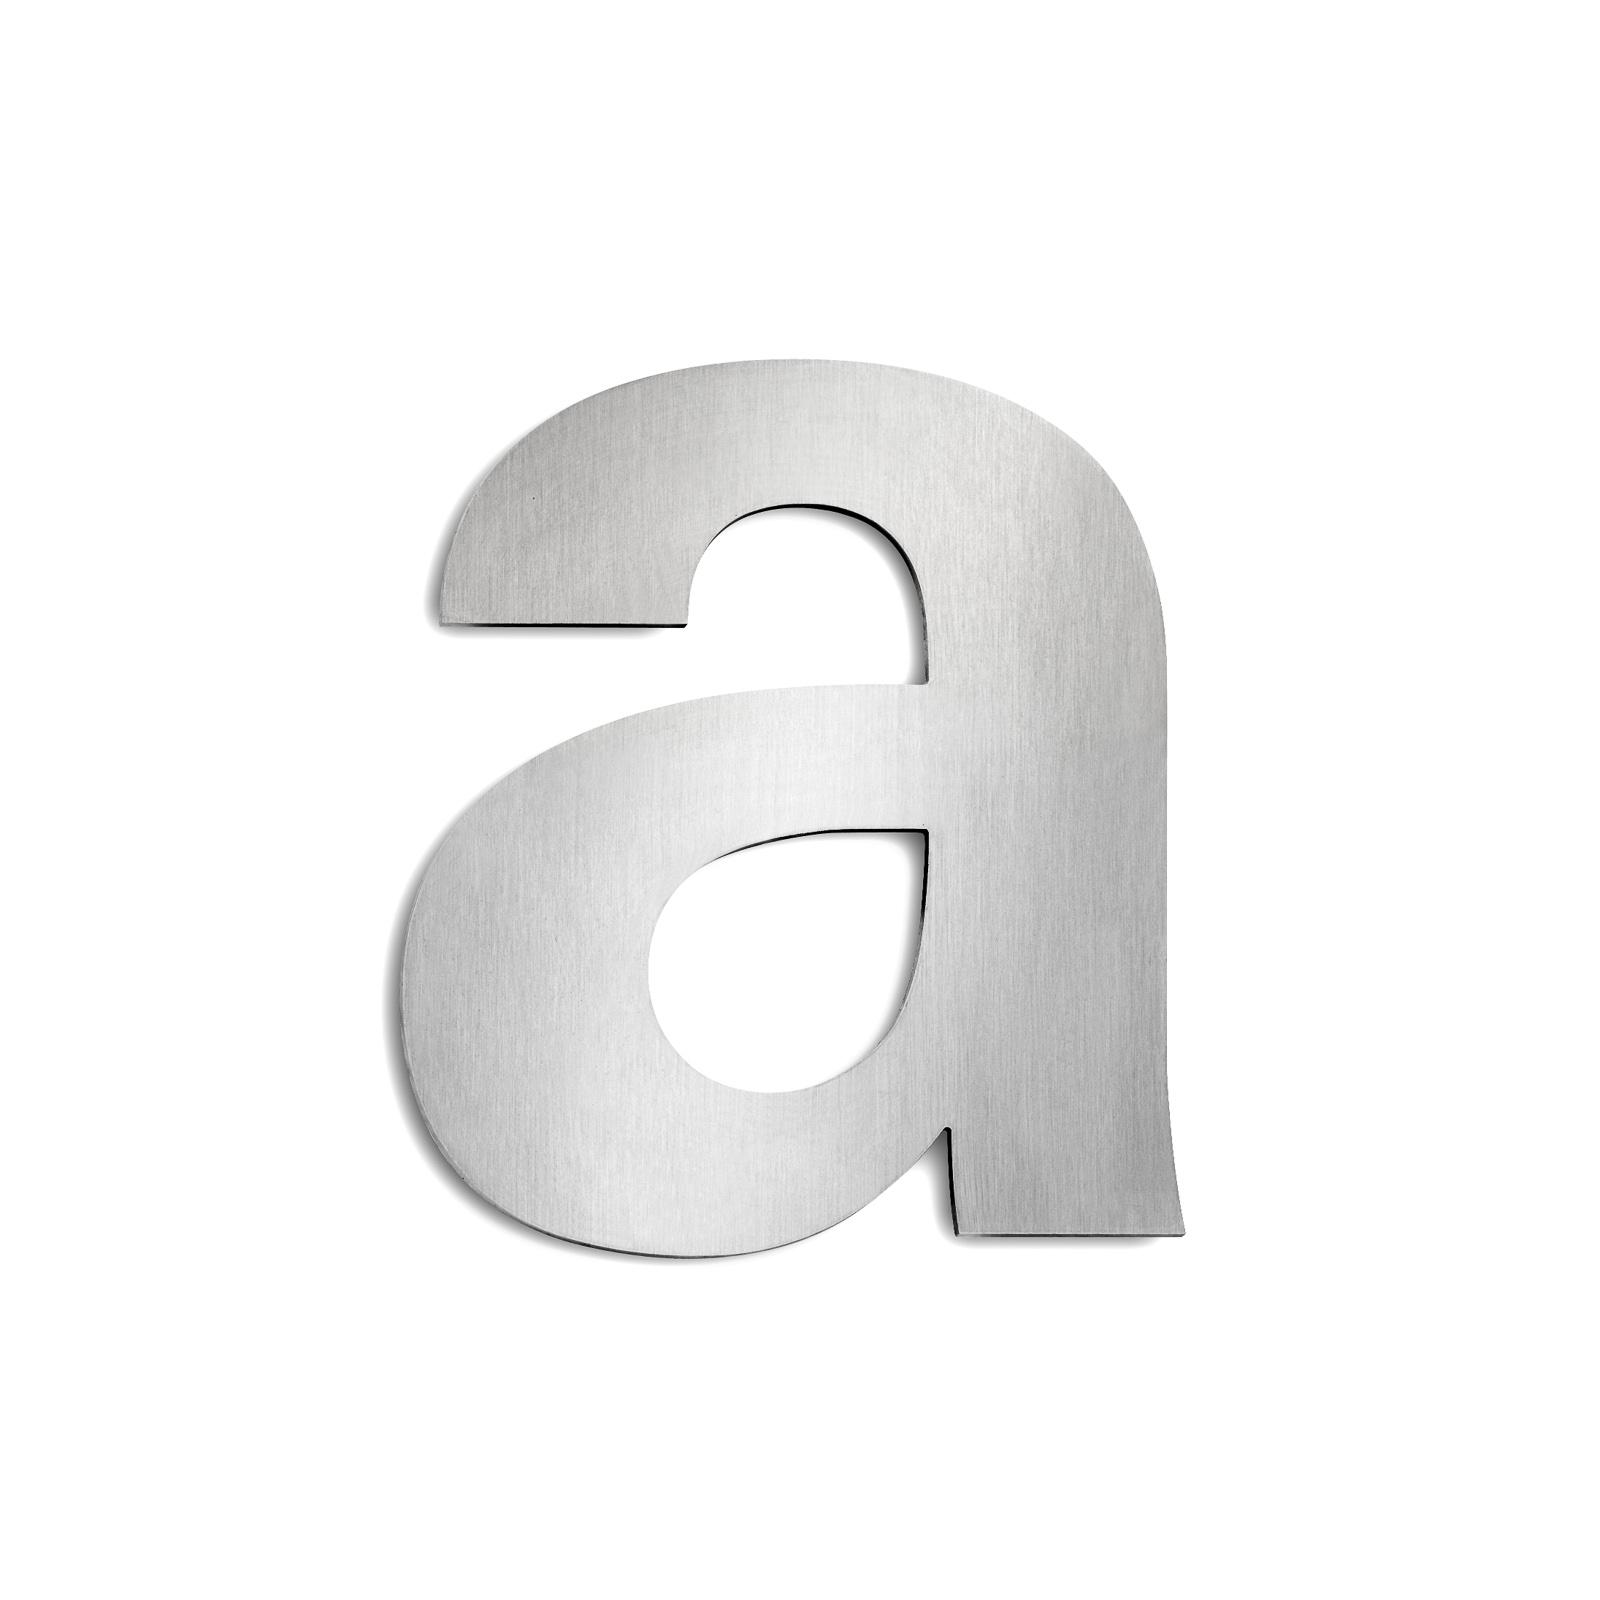 Numeri civici in acciaio inox grandi - lettera a